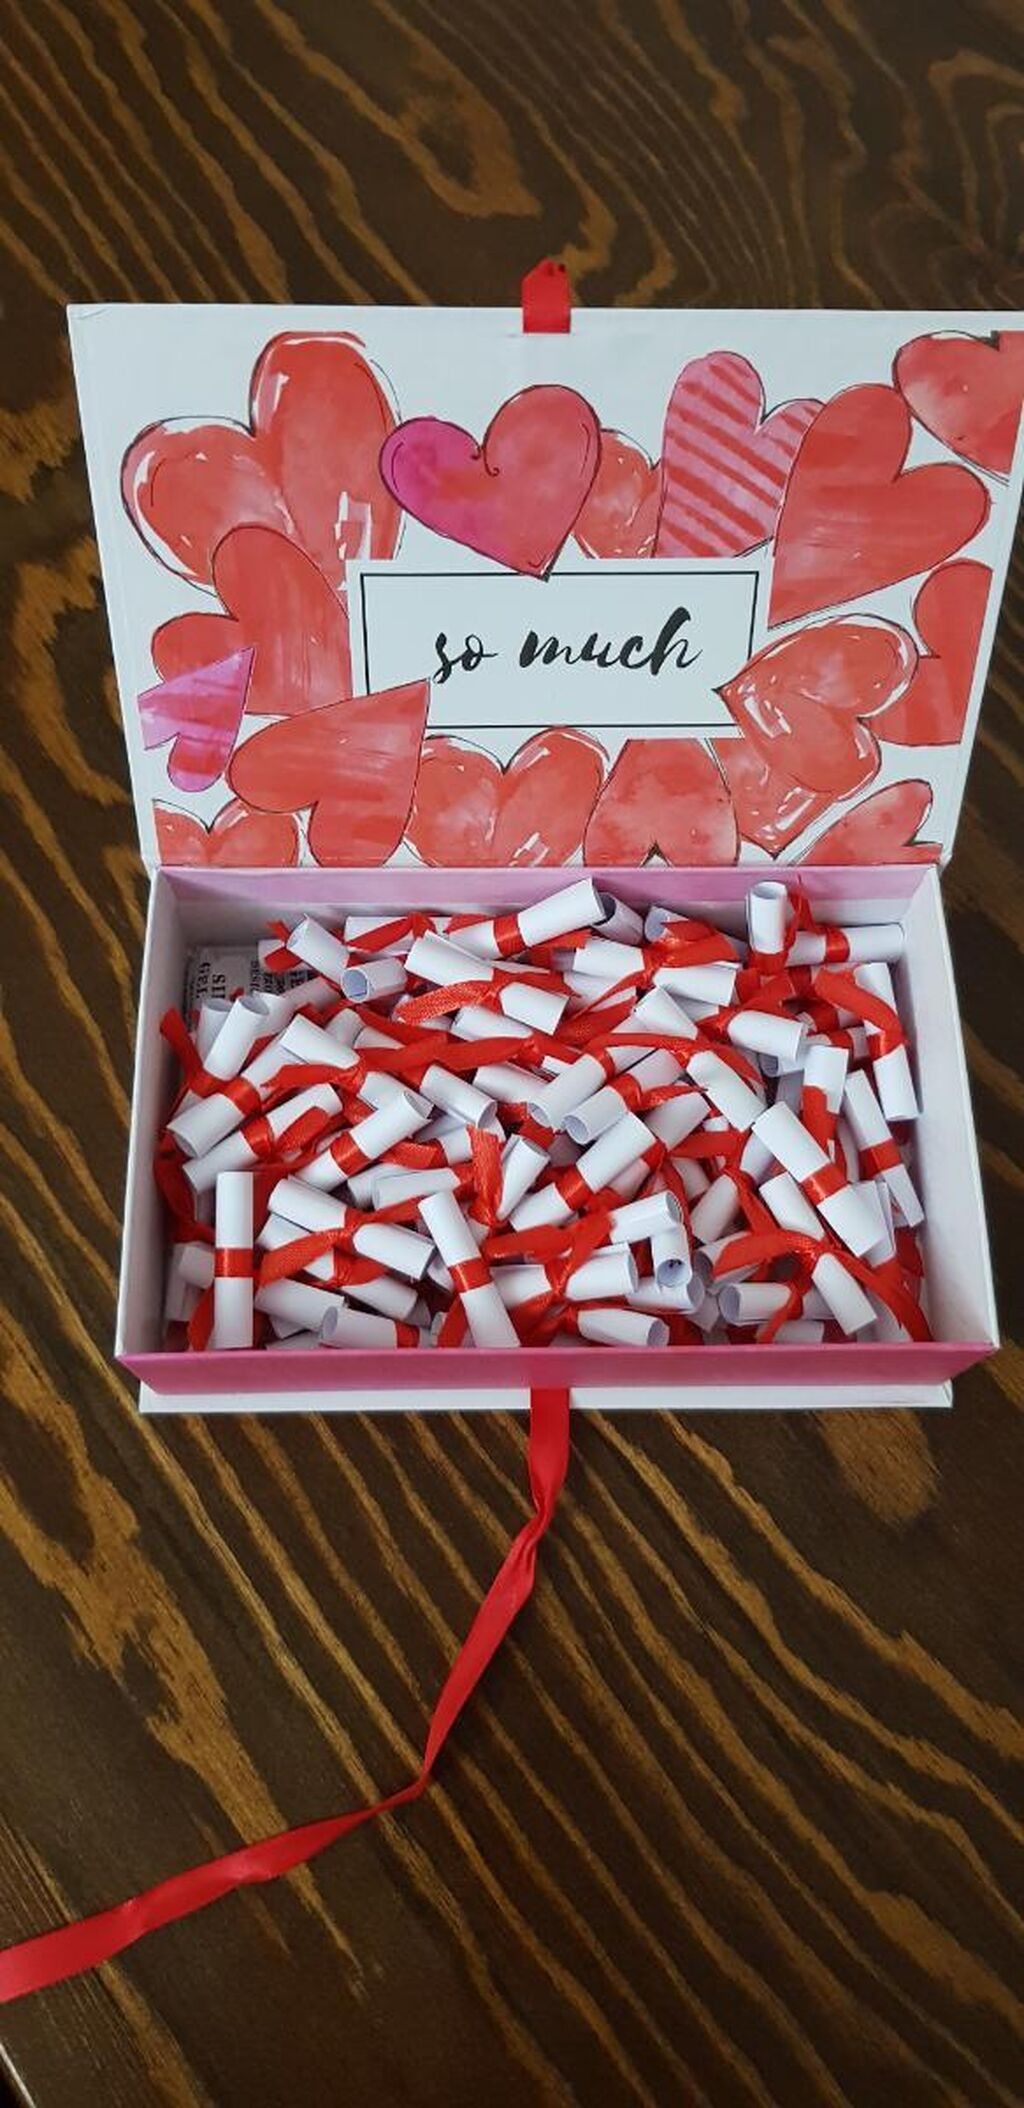 Оригинальный подарок для любимого человека! 100 причин почему тебя: Оригинальный подарок для любимого человека! 100 причин почему тебя